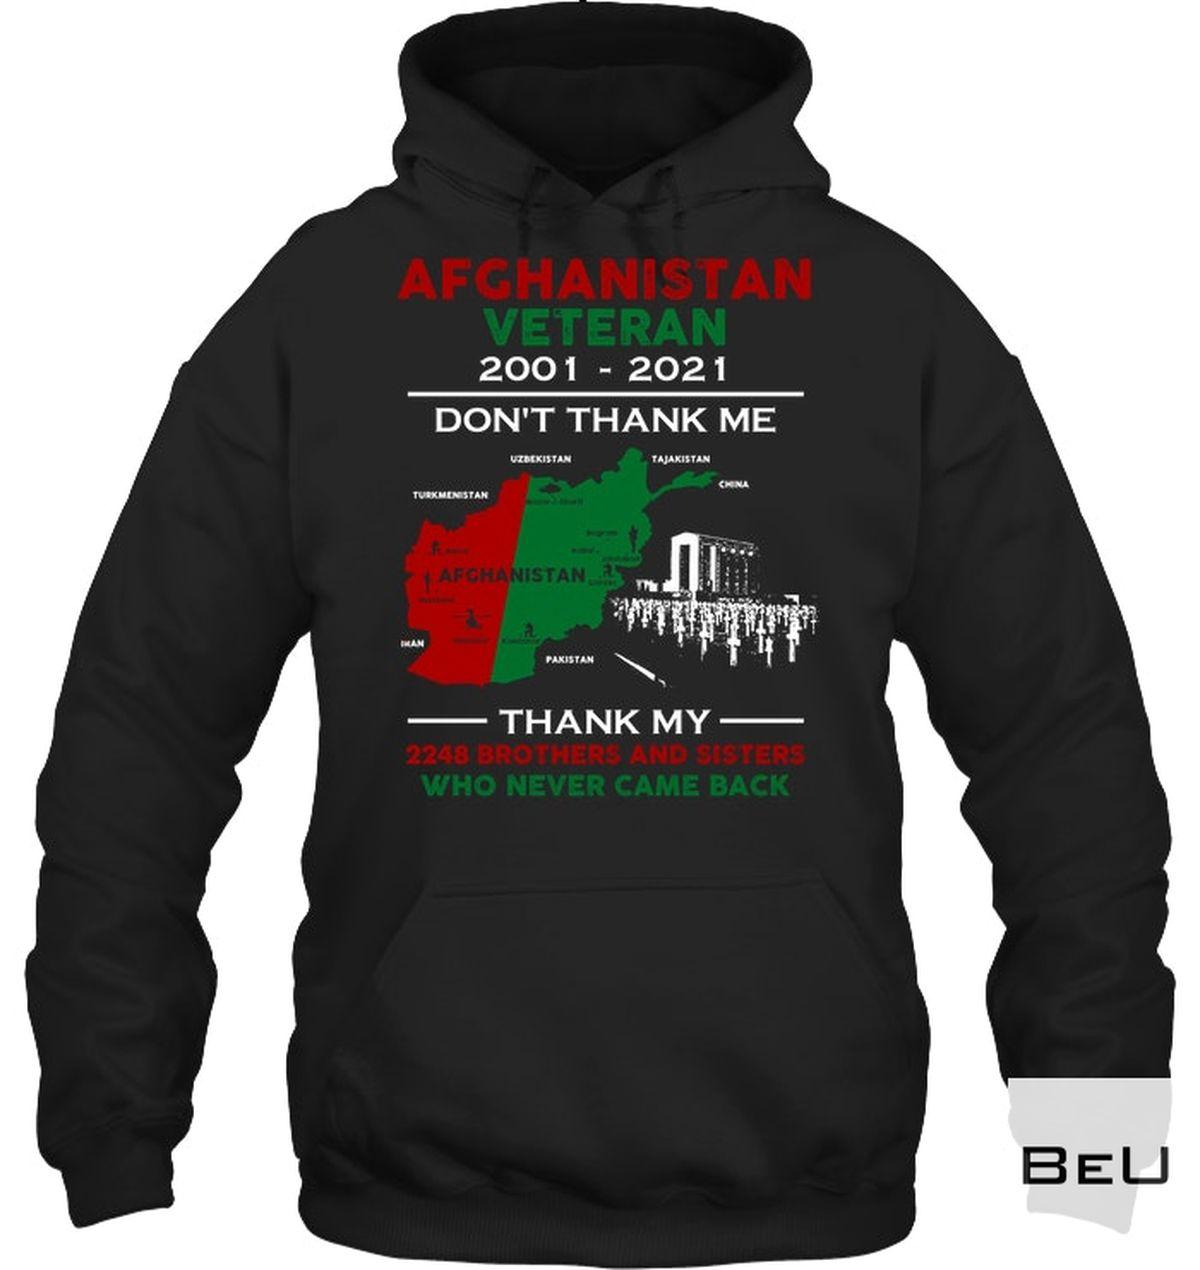 Top Selling Afghanistan Veteran 2001 2021 Don't Thank Me Shirt, hoodie